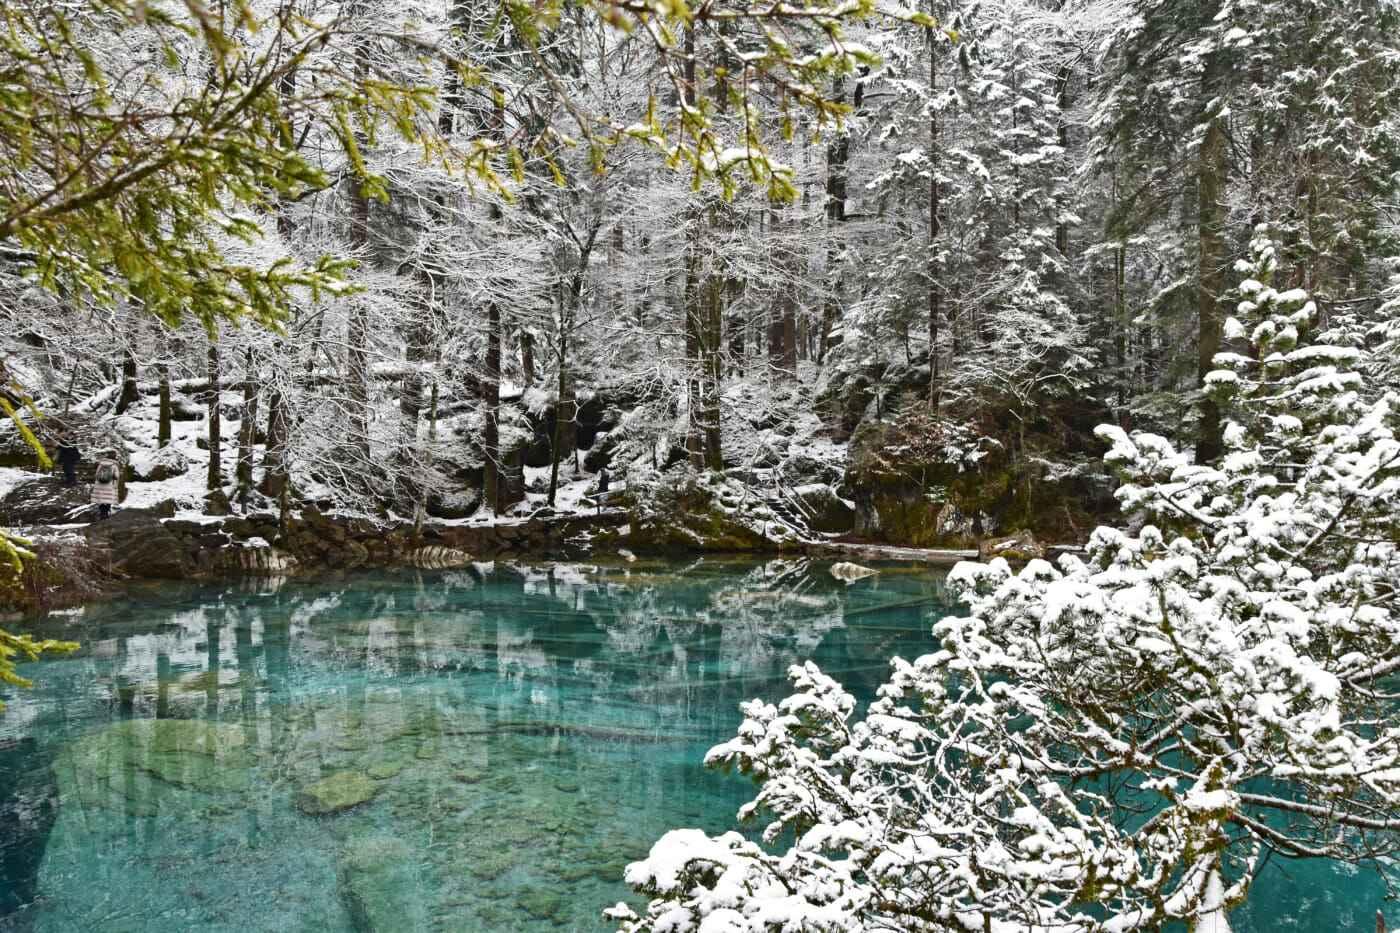 Blausee